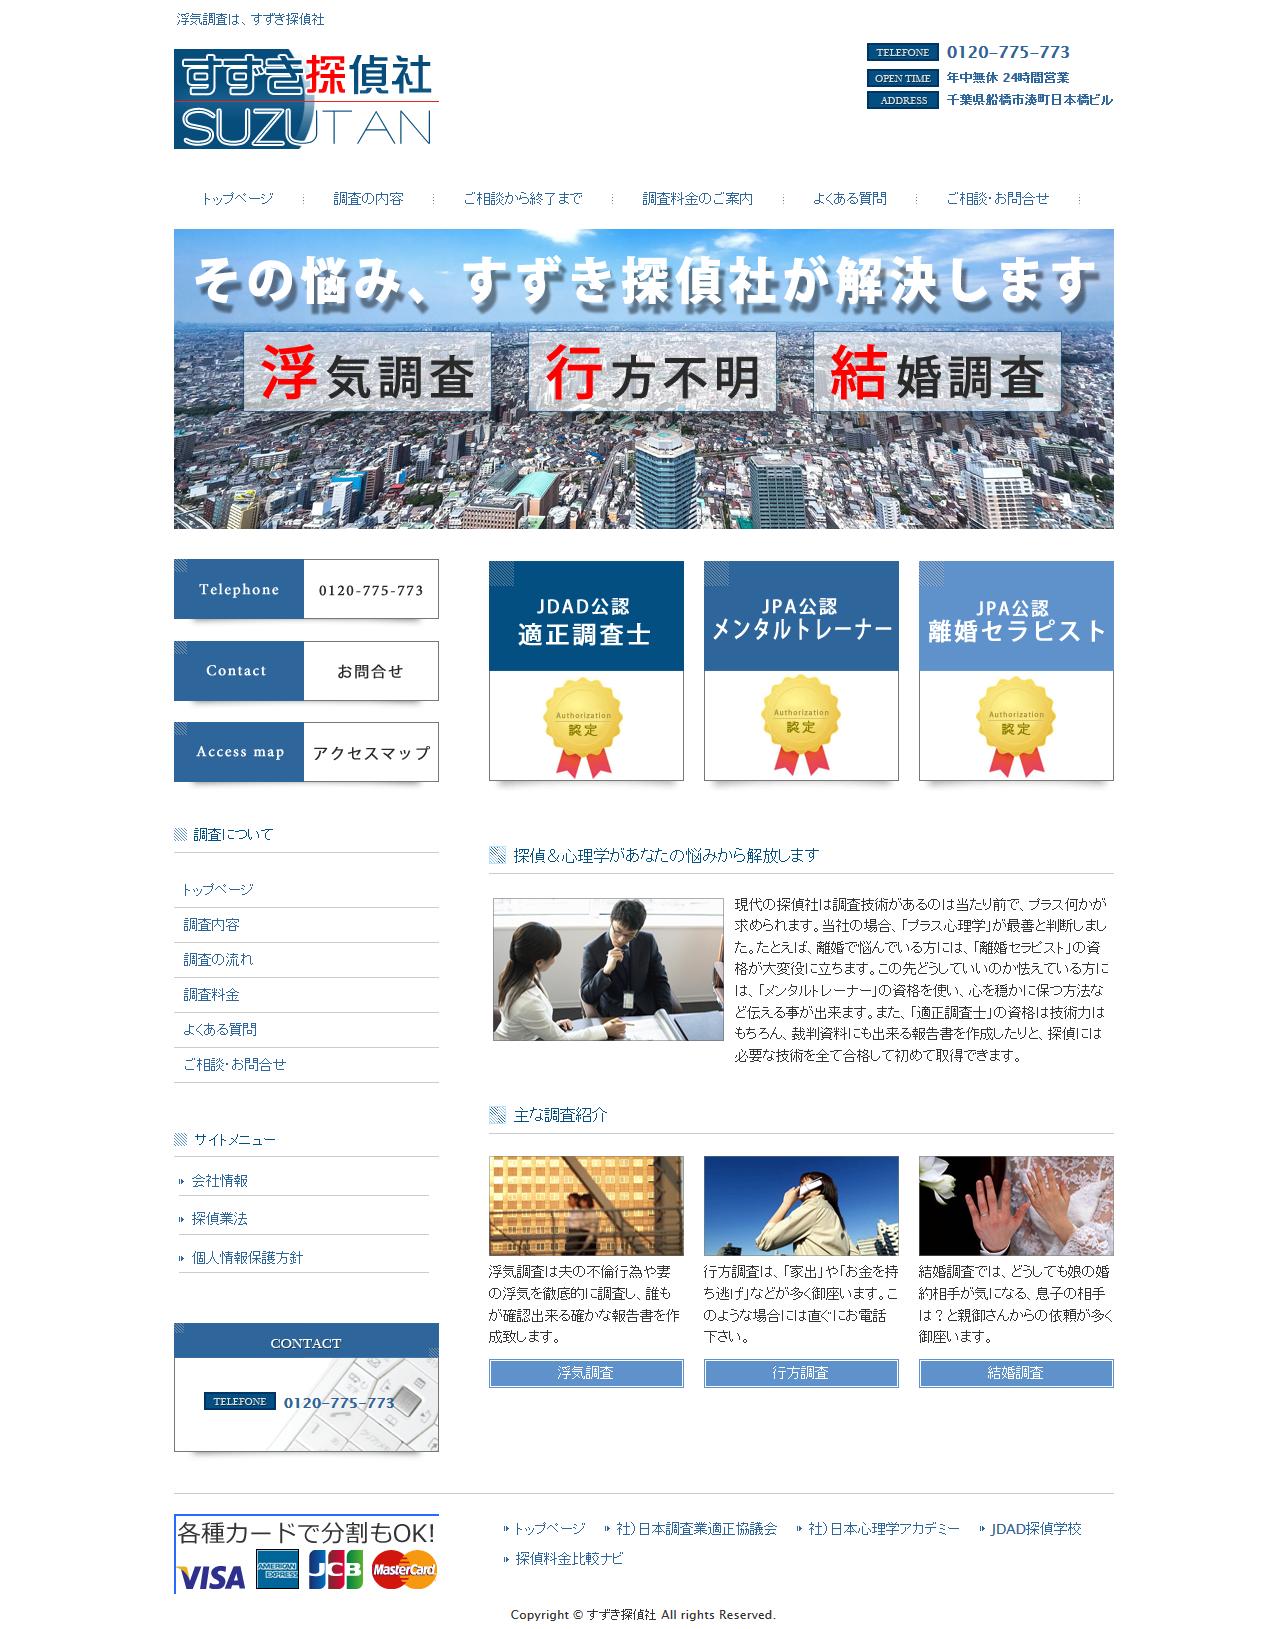 千葉県船橋市の浮気調査は、すずき探偵社へお任せ下さい。日本調査業適正協議会に加盟している安心探偵社です。